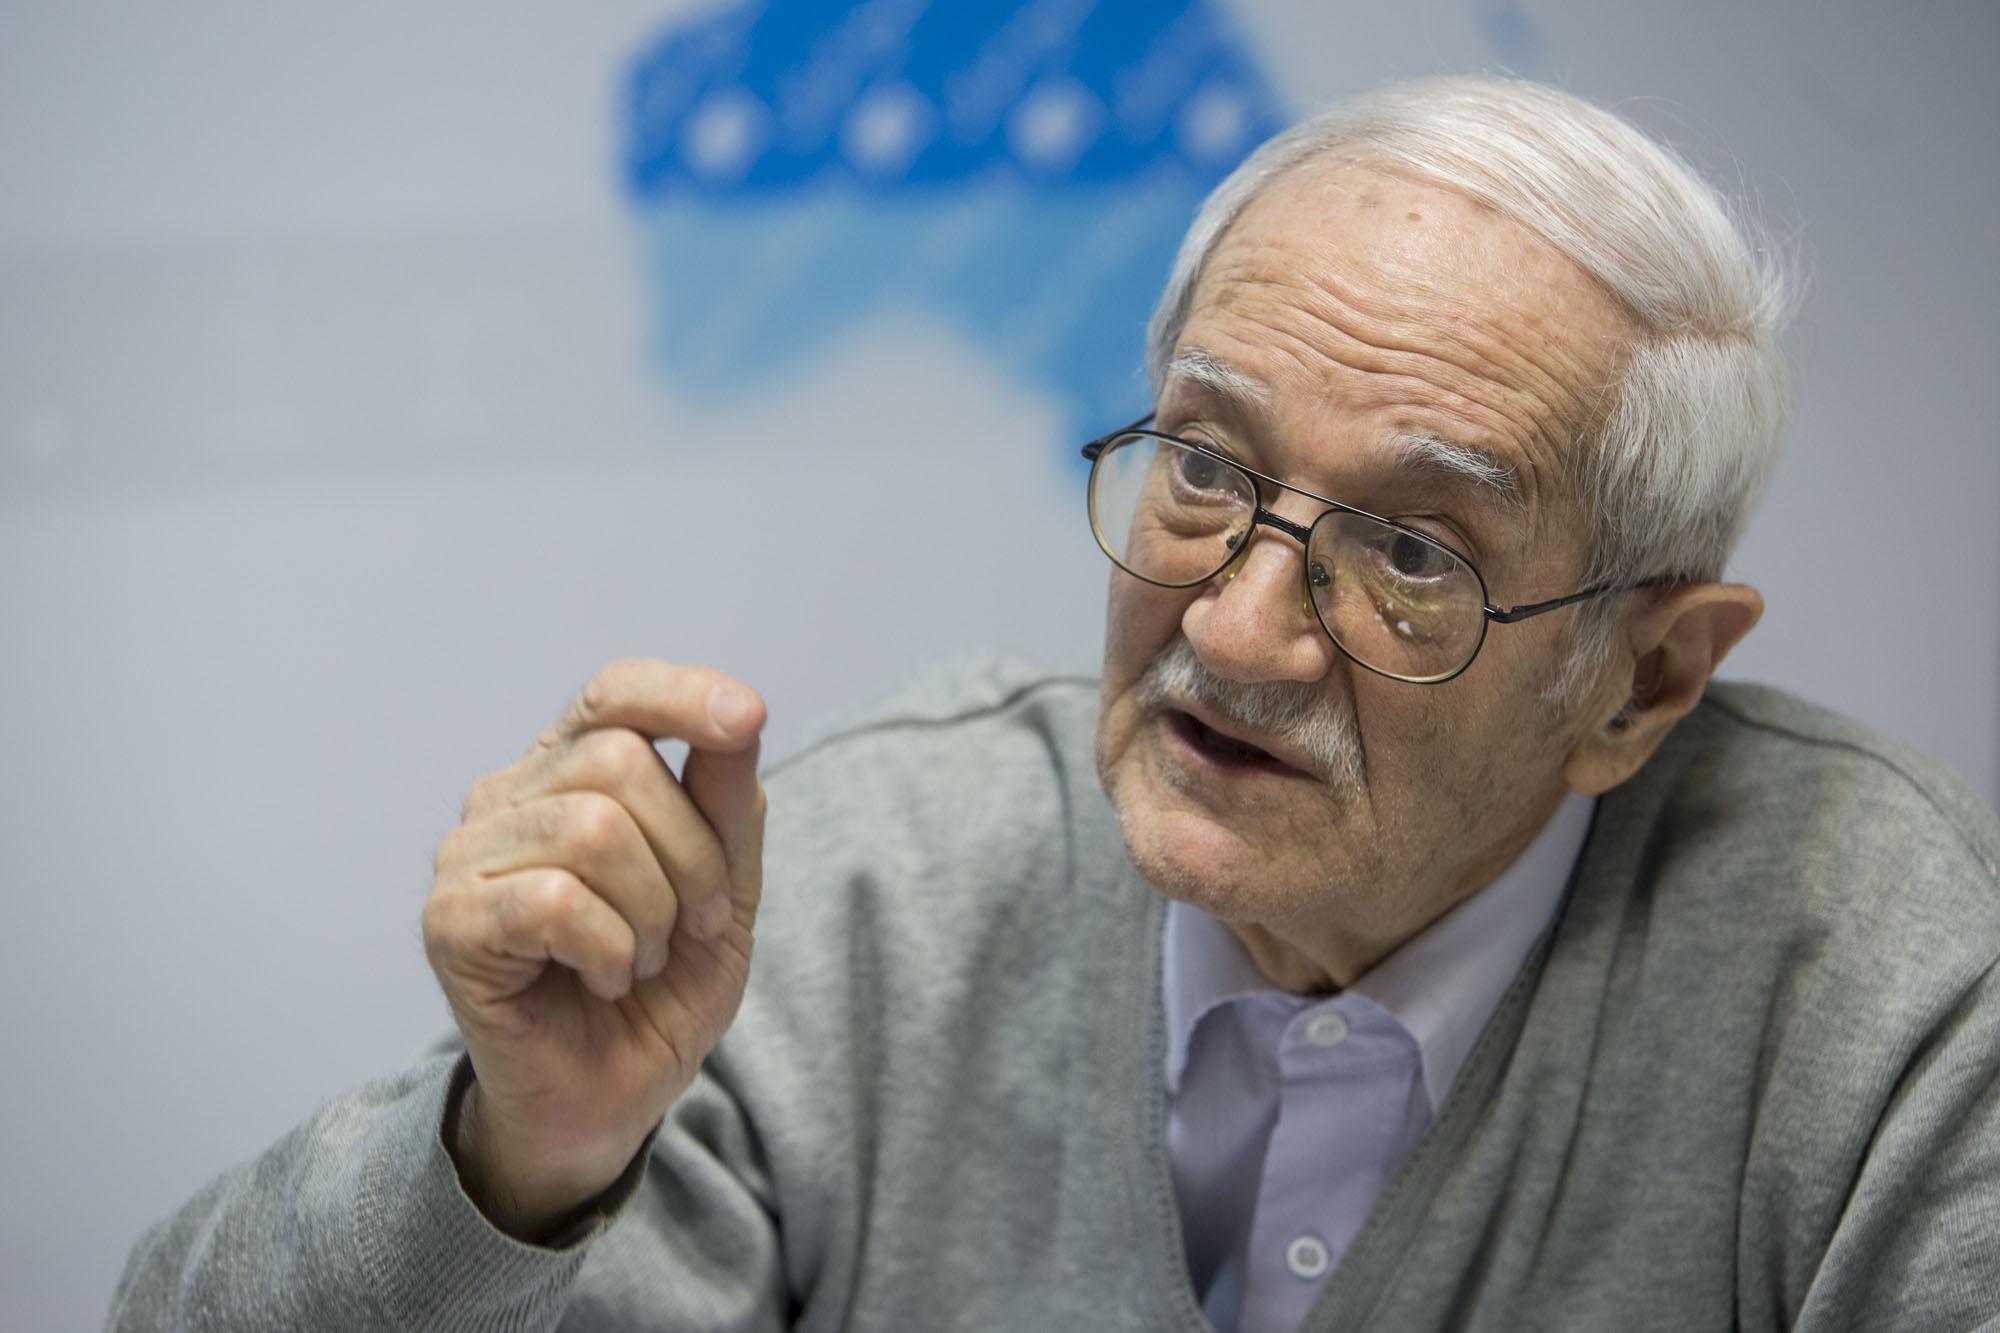 ابراهیم رزاقی: جمهوری اسلامی نابود میشود اگر جلوی فساد سیستماتیک گرفته نشود